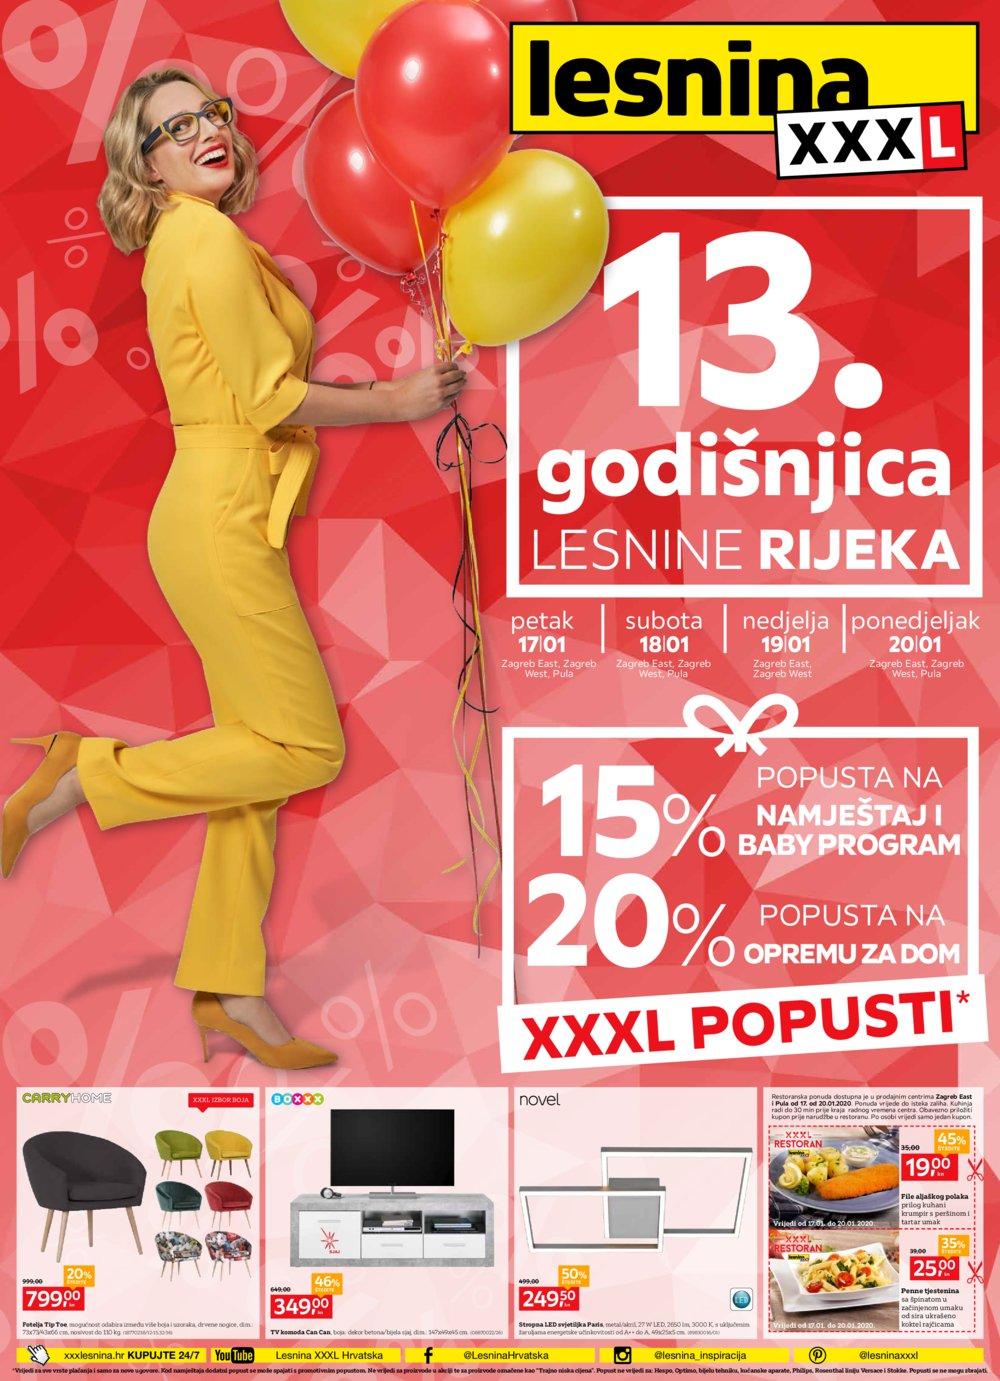 Lesnina katalog 13.godišnjica Zg,Pu,Zd,St,Vž,Ča 17.01.-20.01.-2020.